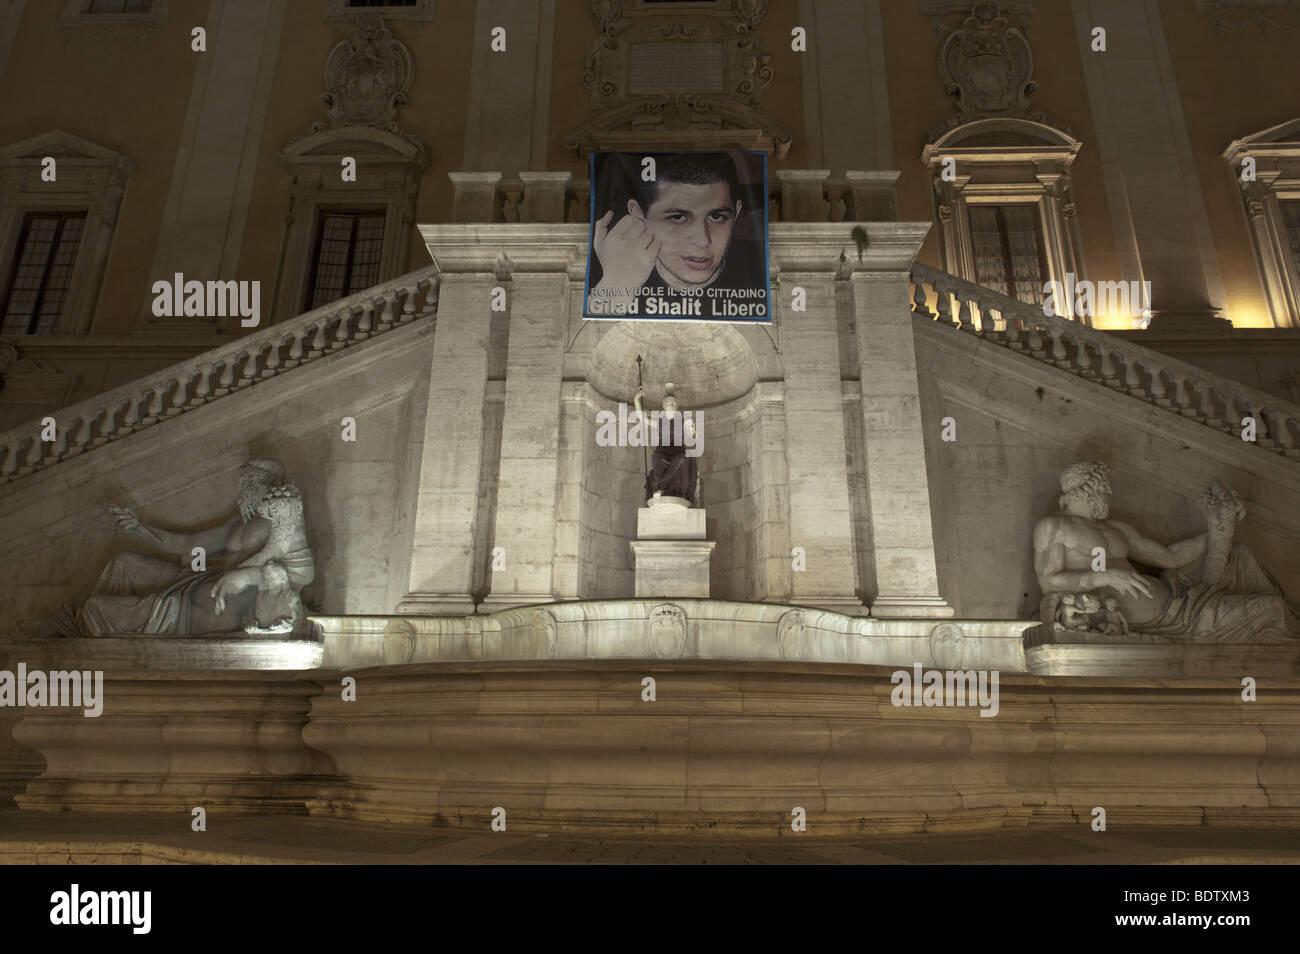 Roma, Italia. Vista notturna della fontana del Palazzo Senatorio in Piazza del Campidoglio, Fontana della dea Roma Immagini Stock